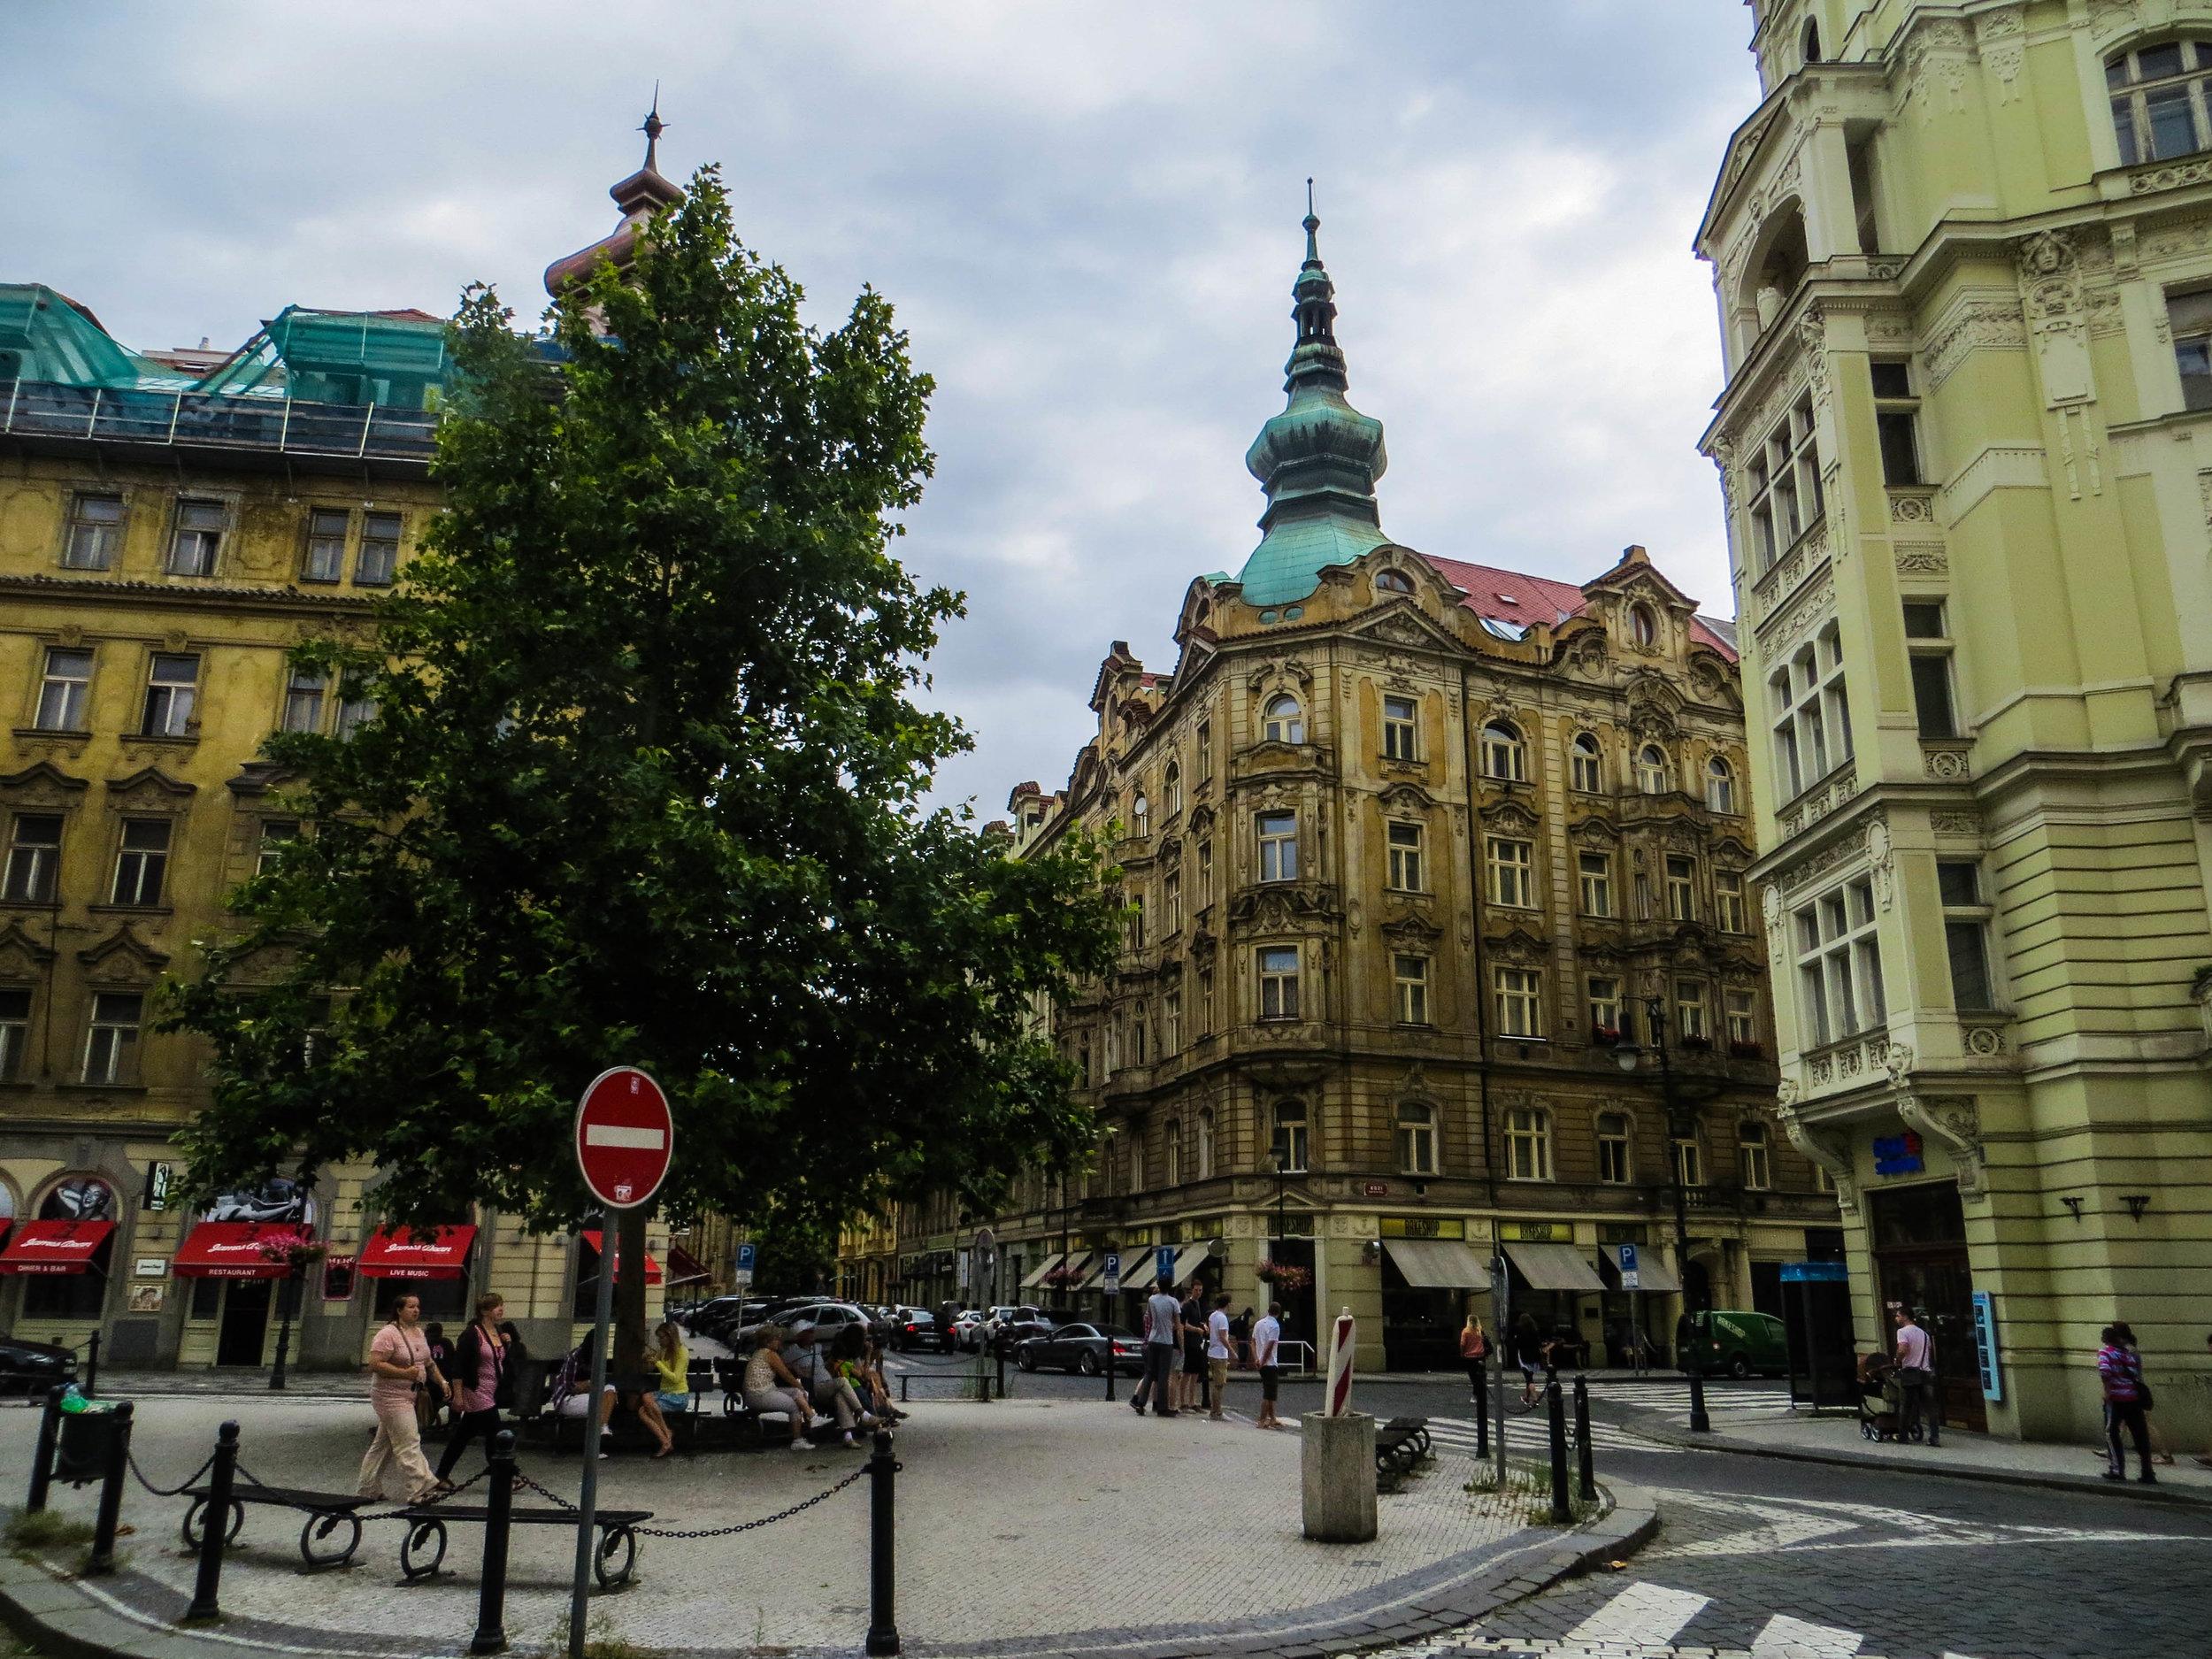 prague-praha-czechia-czech-republic-32.jpg